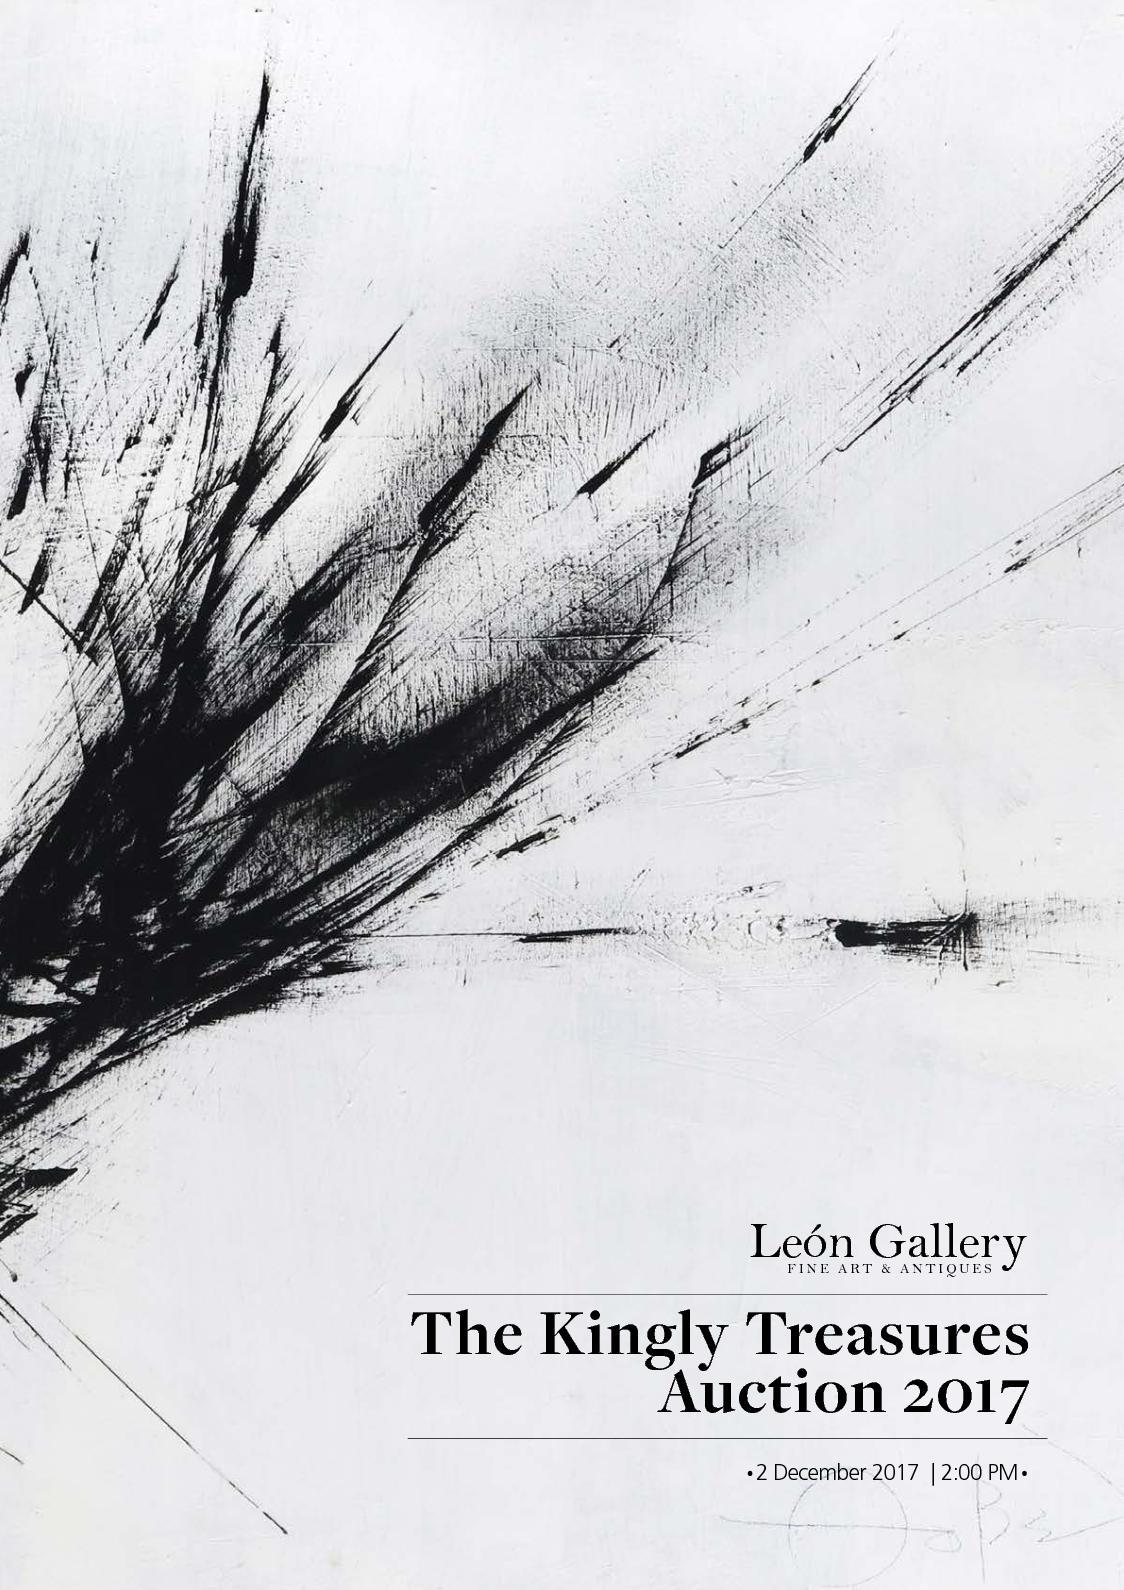 Calaméo - The Kingly Treasures Auction 2017